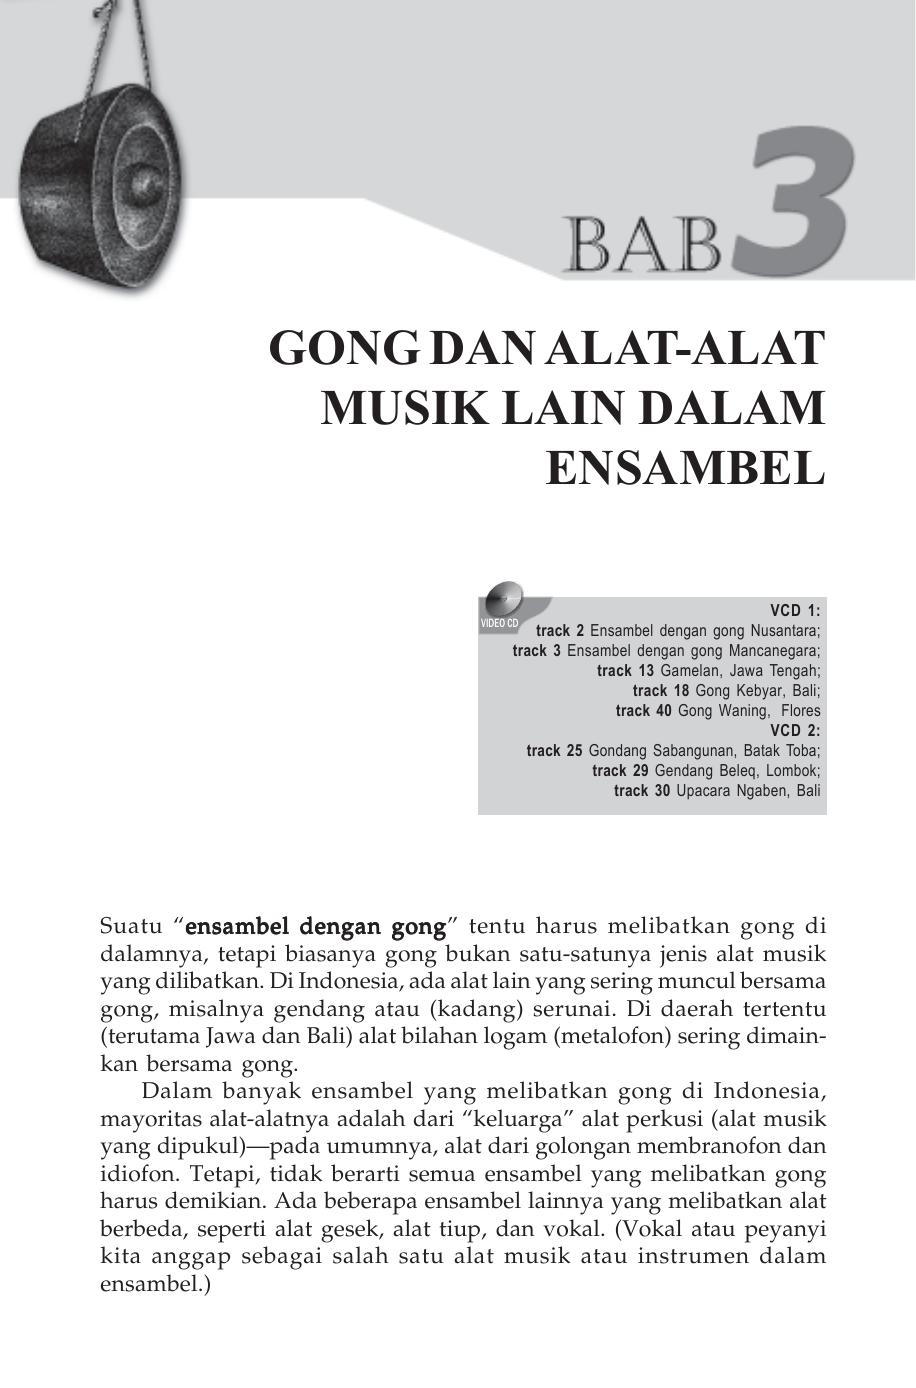 52+ Gambar Alat Musik Gong Waning Paling Bagus